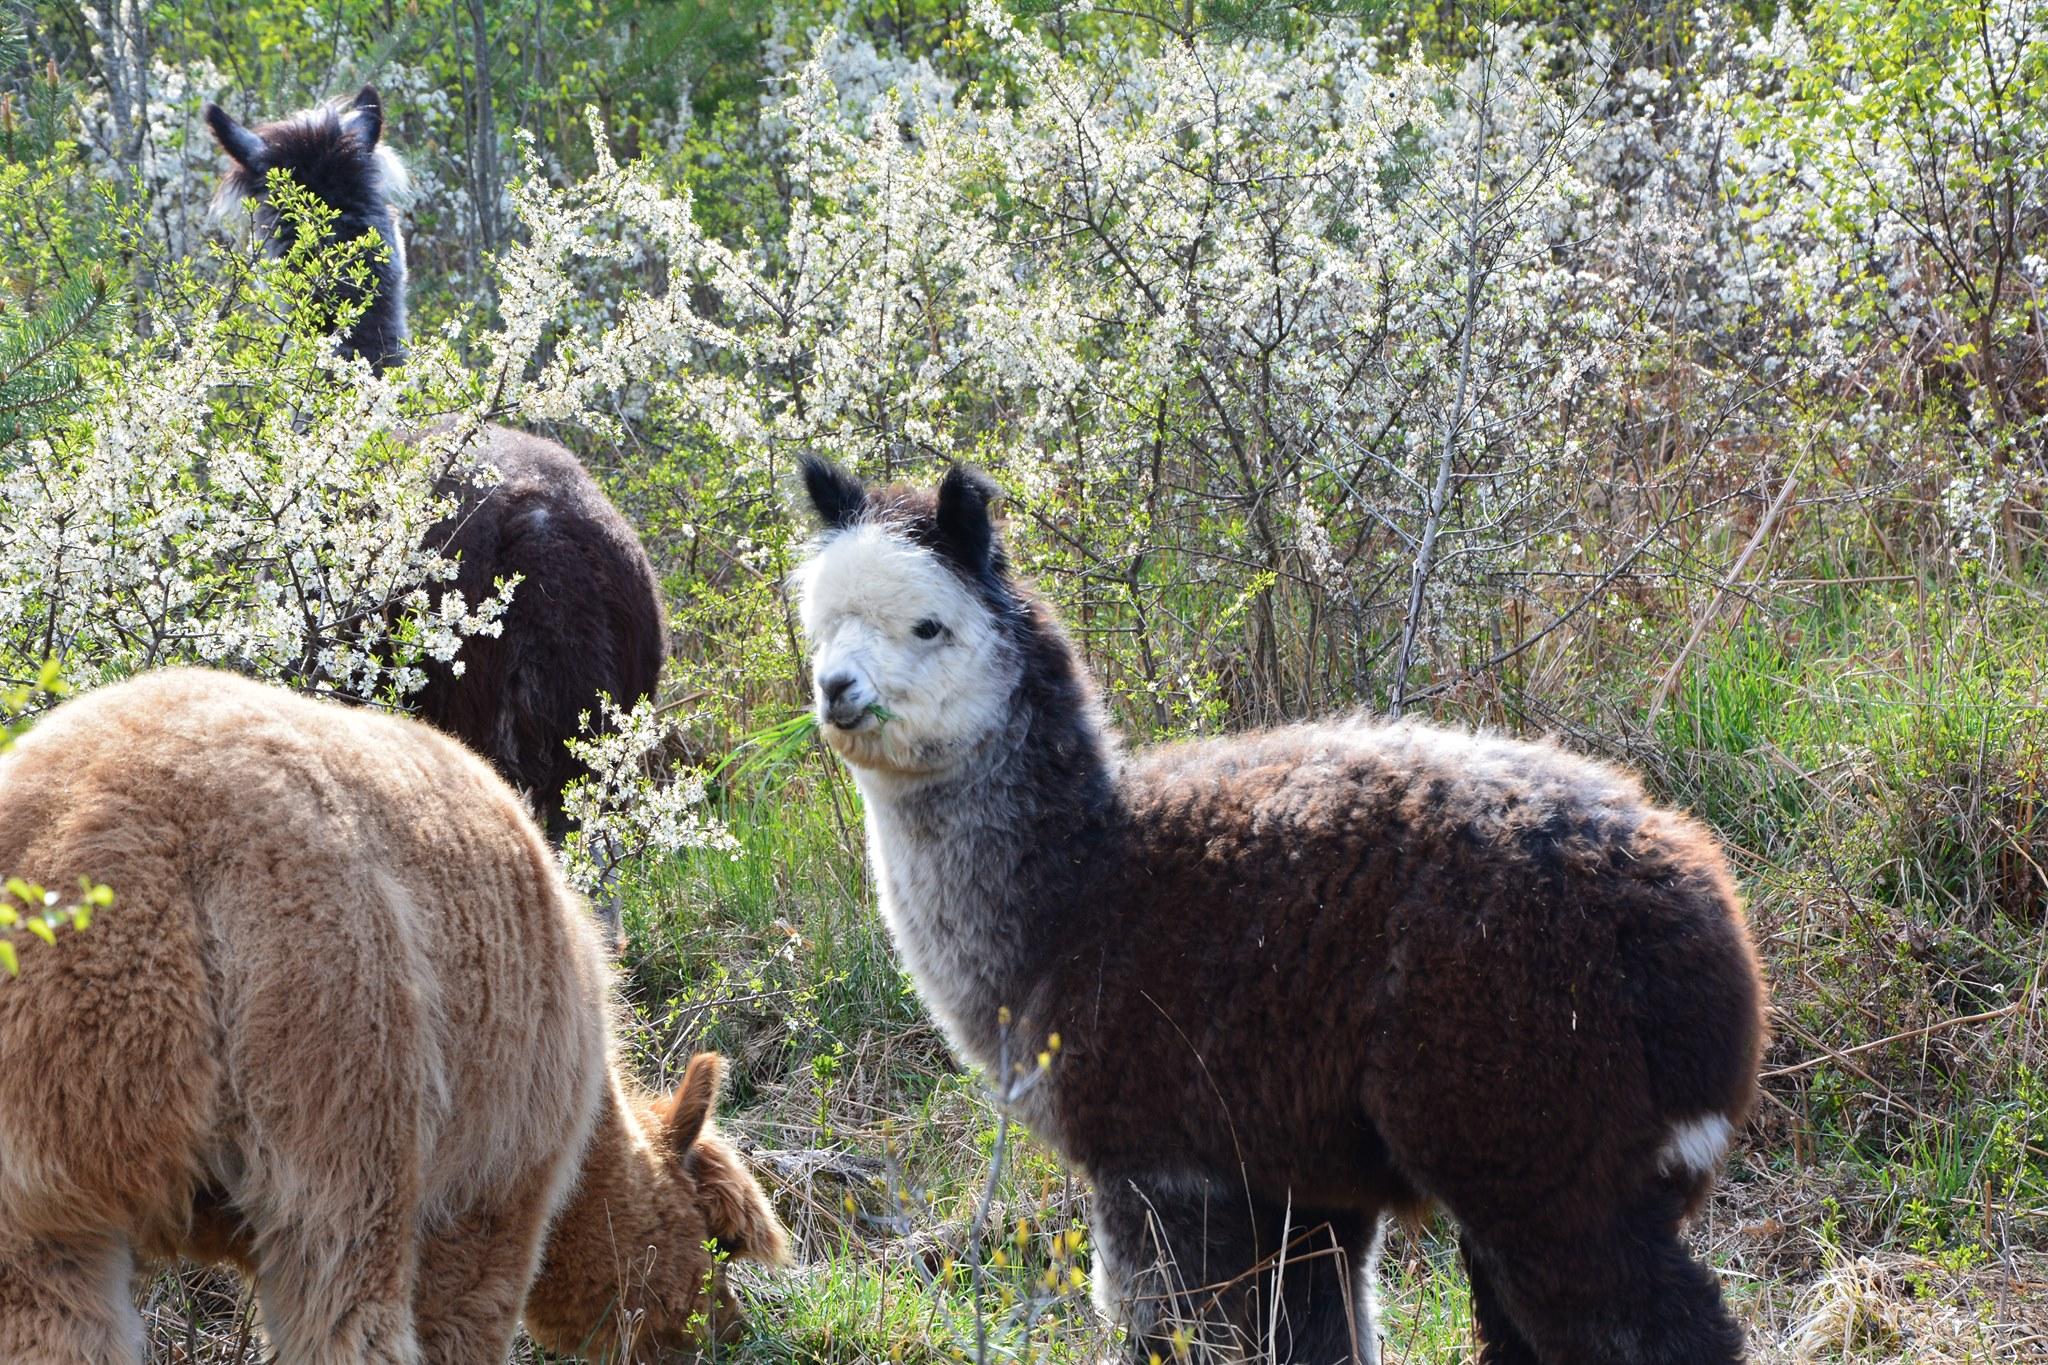 Våra djur. Svartvot alpacka i skogen